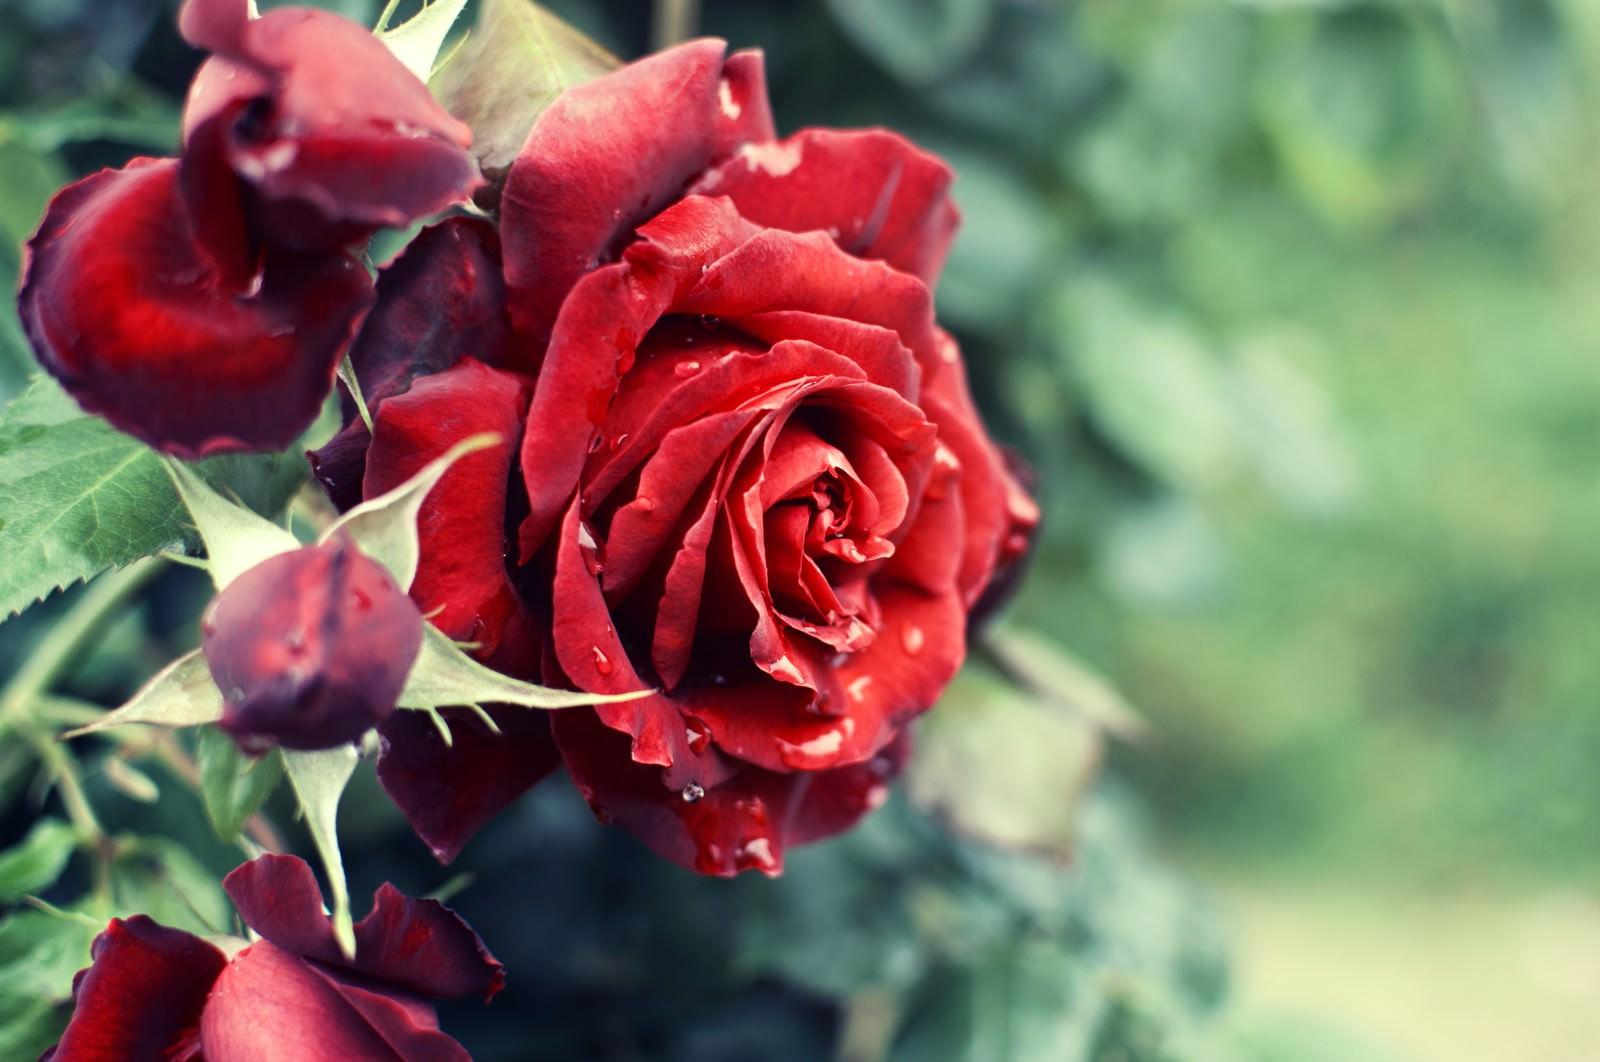 「Crimson(バラ)Crimson(バラ)」のフリー写真素材を拡大